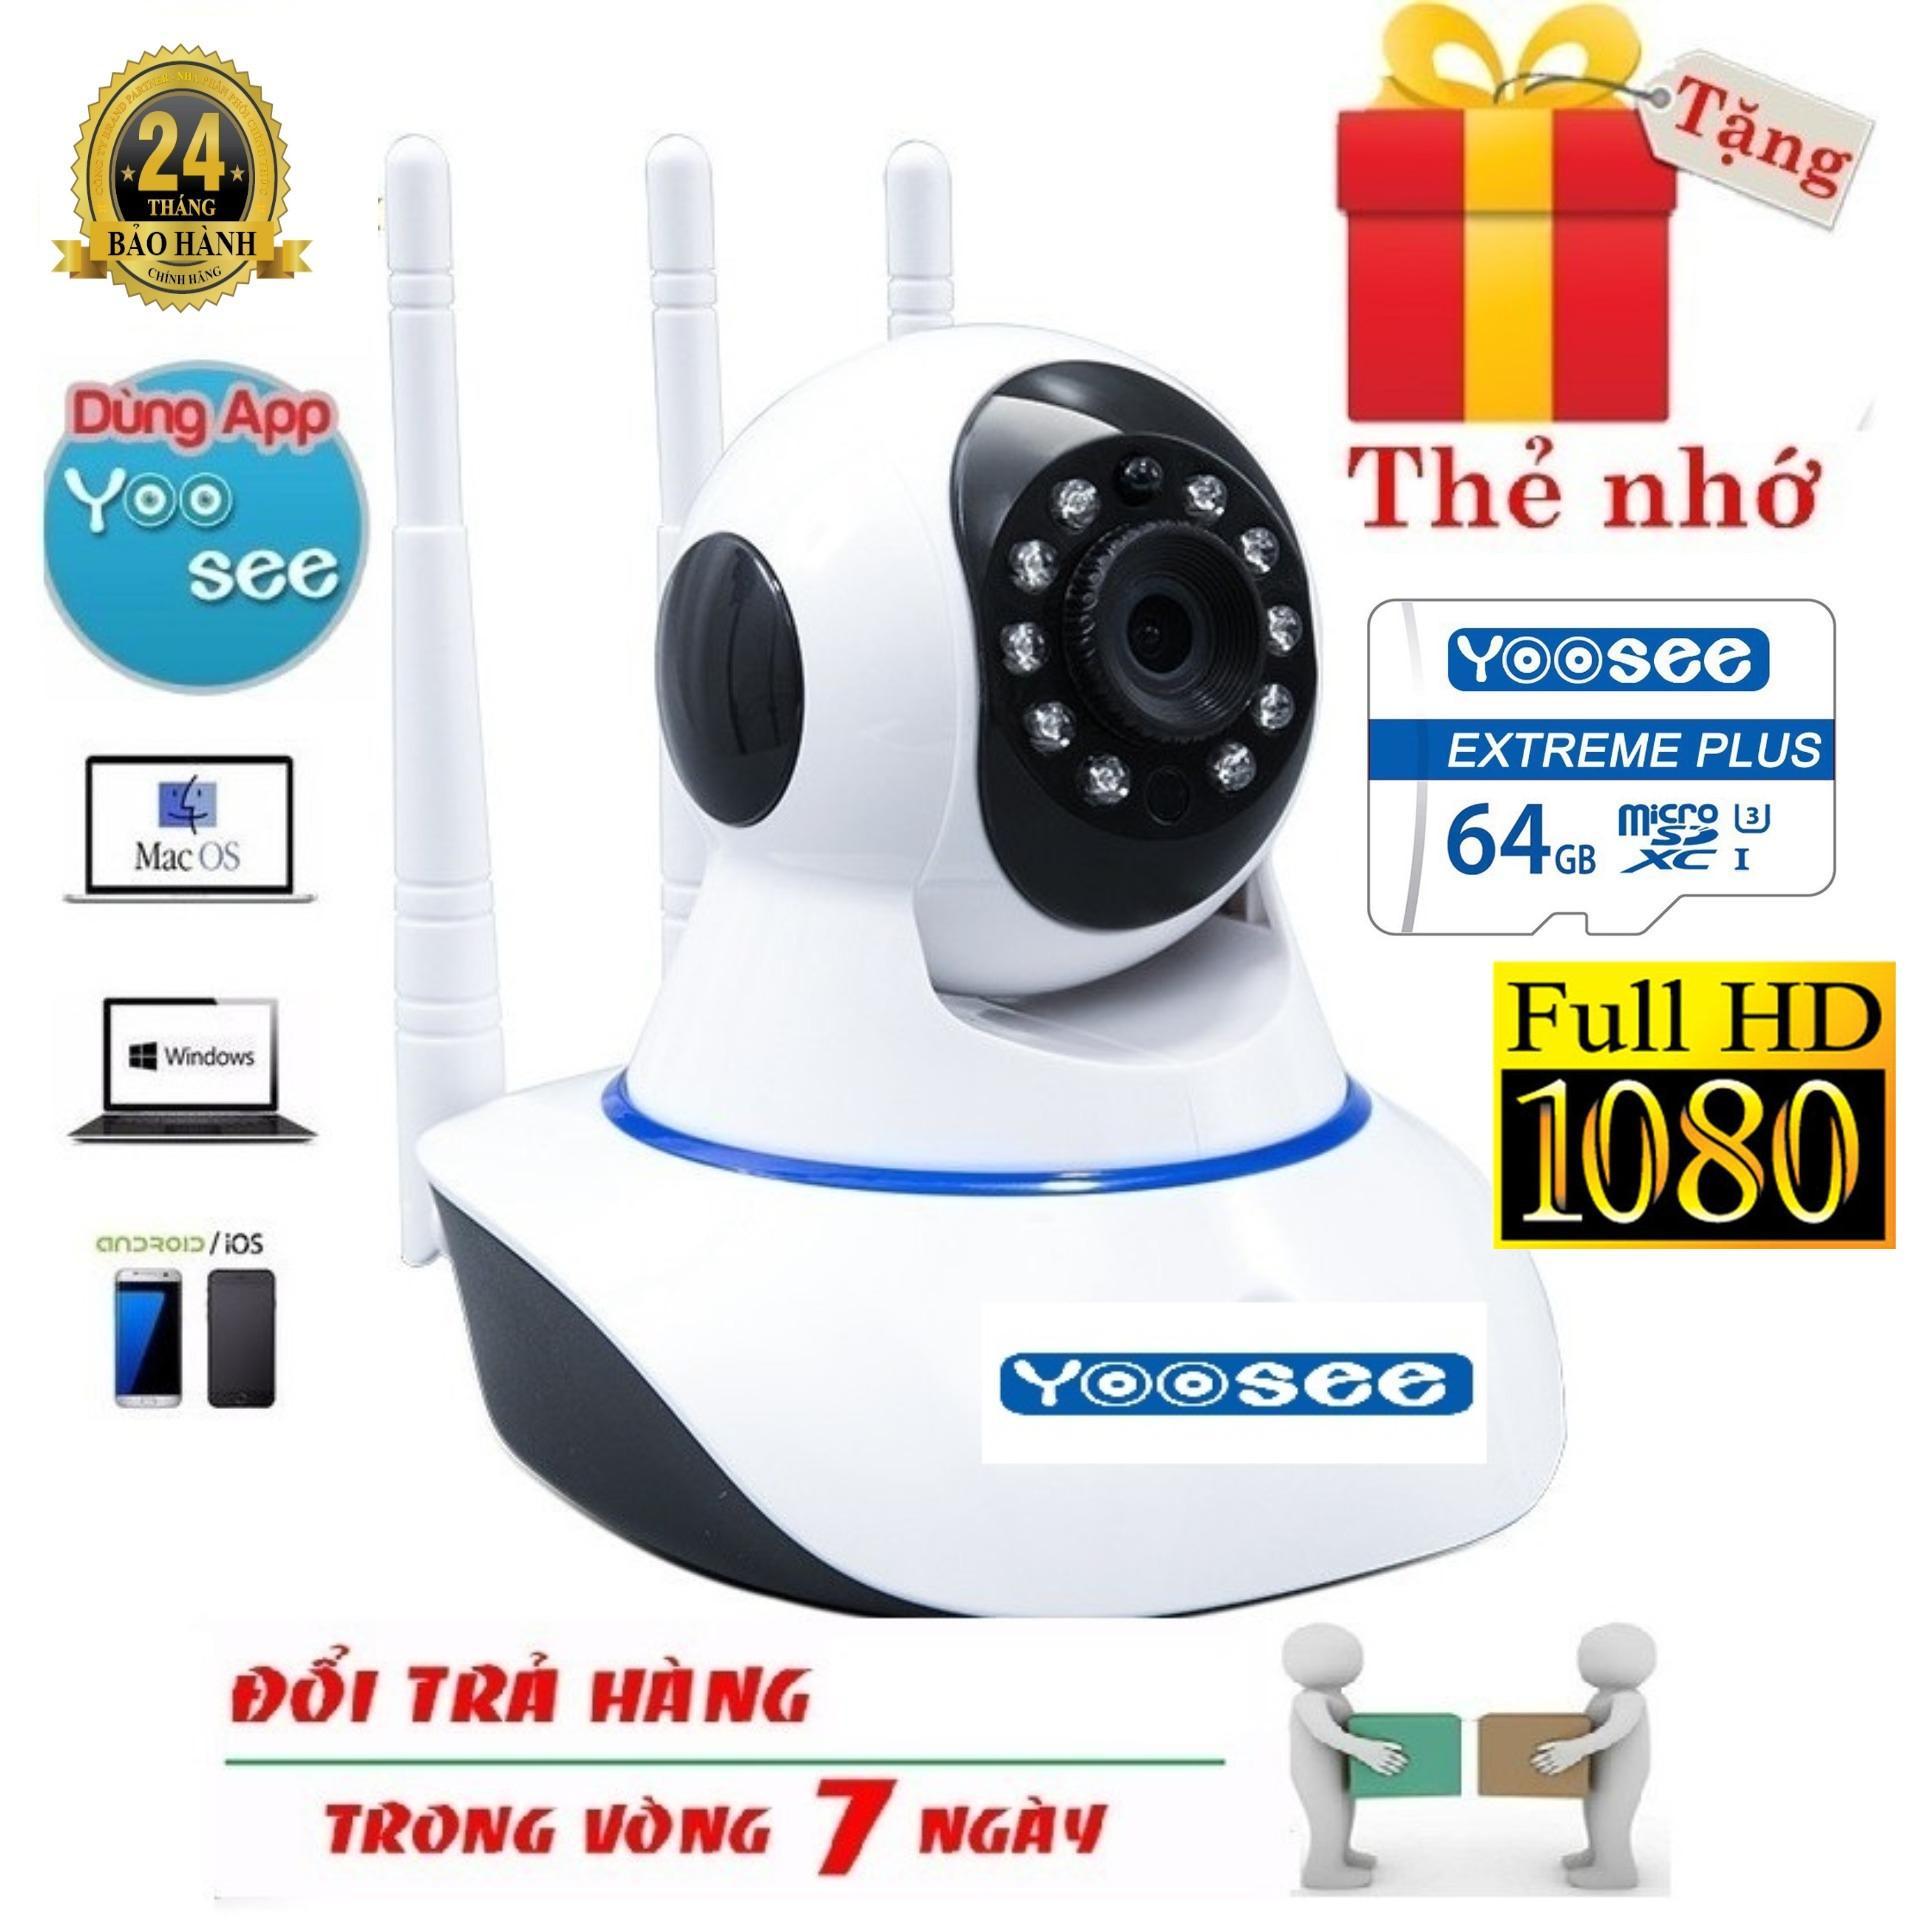 (Tặng kèm thẻ nhớ yoosee 64gb BH 24 tháng dùng thử miễn phí 14 ngày) Camera Ip YooSee 3 Râu Full HD 2.0Mpx 1080p Tiếng Việt NEW 2019 - Hỗ trợ xem đêm, đàm thoại 2 chiều, lưu trữ video - NEW